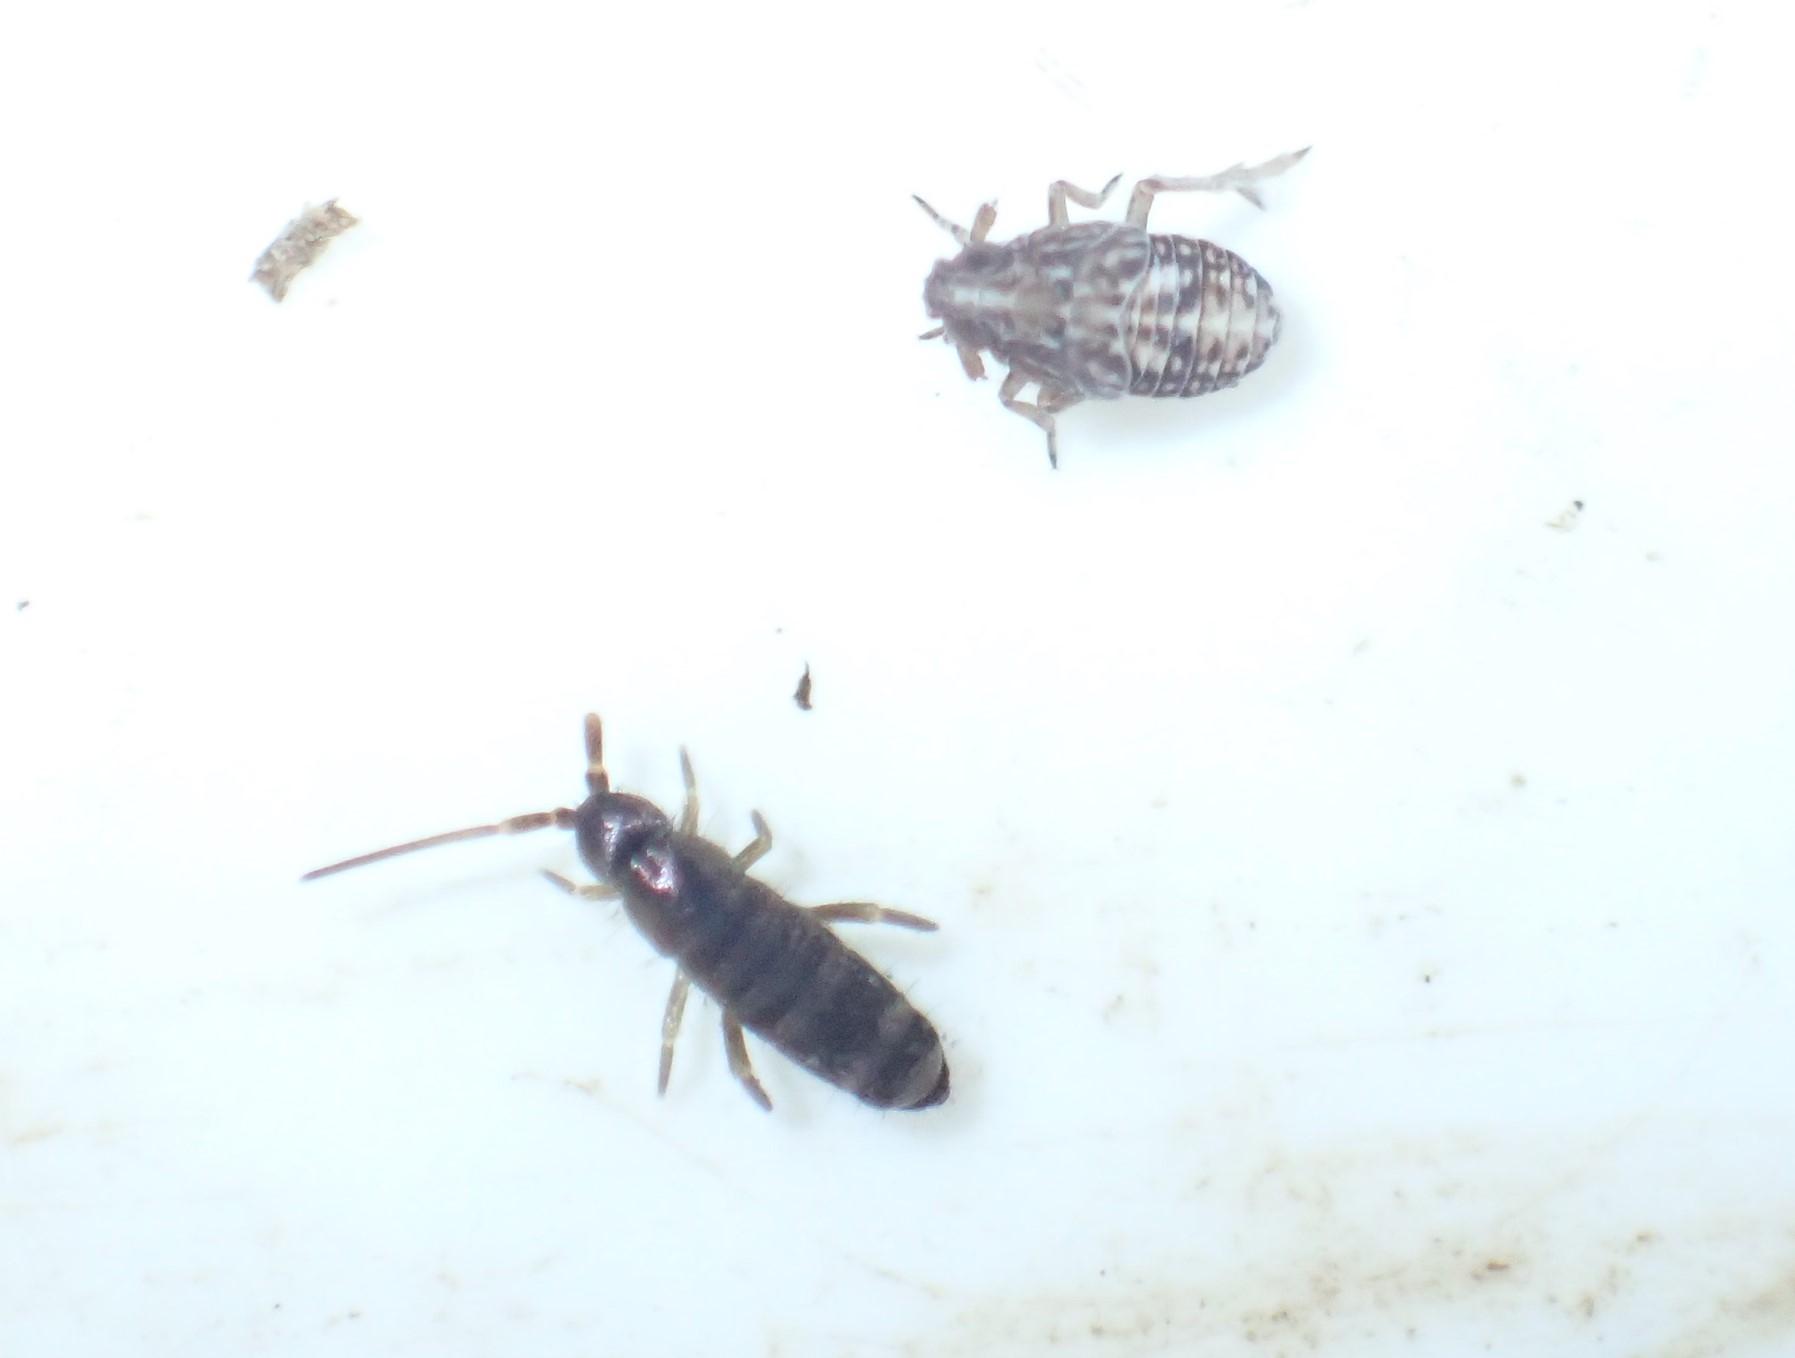 Tomocerus vulgaris (Tomocerus vulgaris)